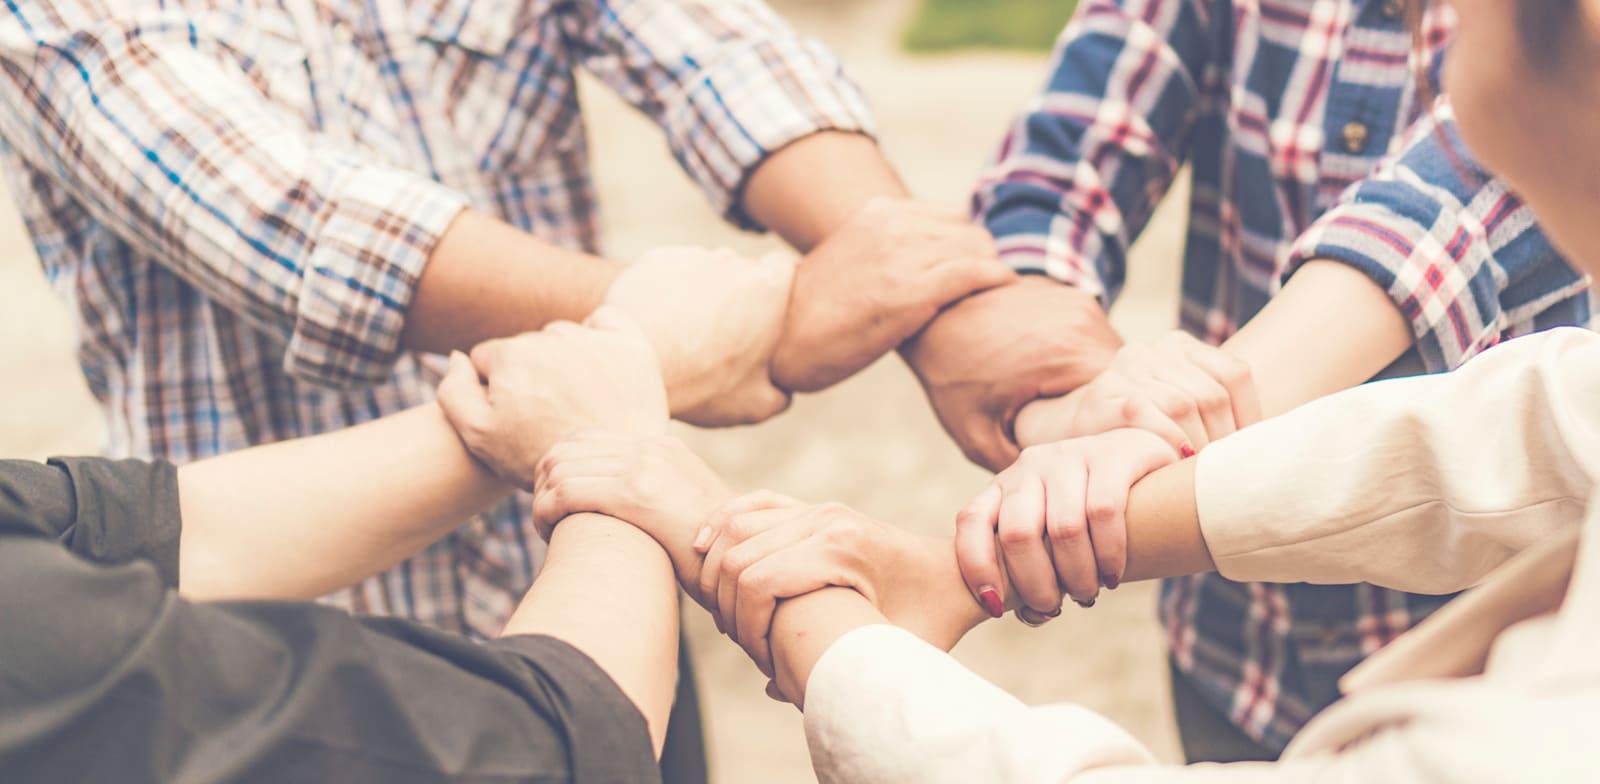 שלושת המרכיבים של ניהול עסק משפחתי / צילום: Shutterstock